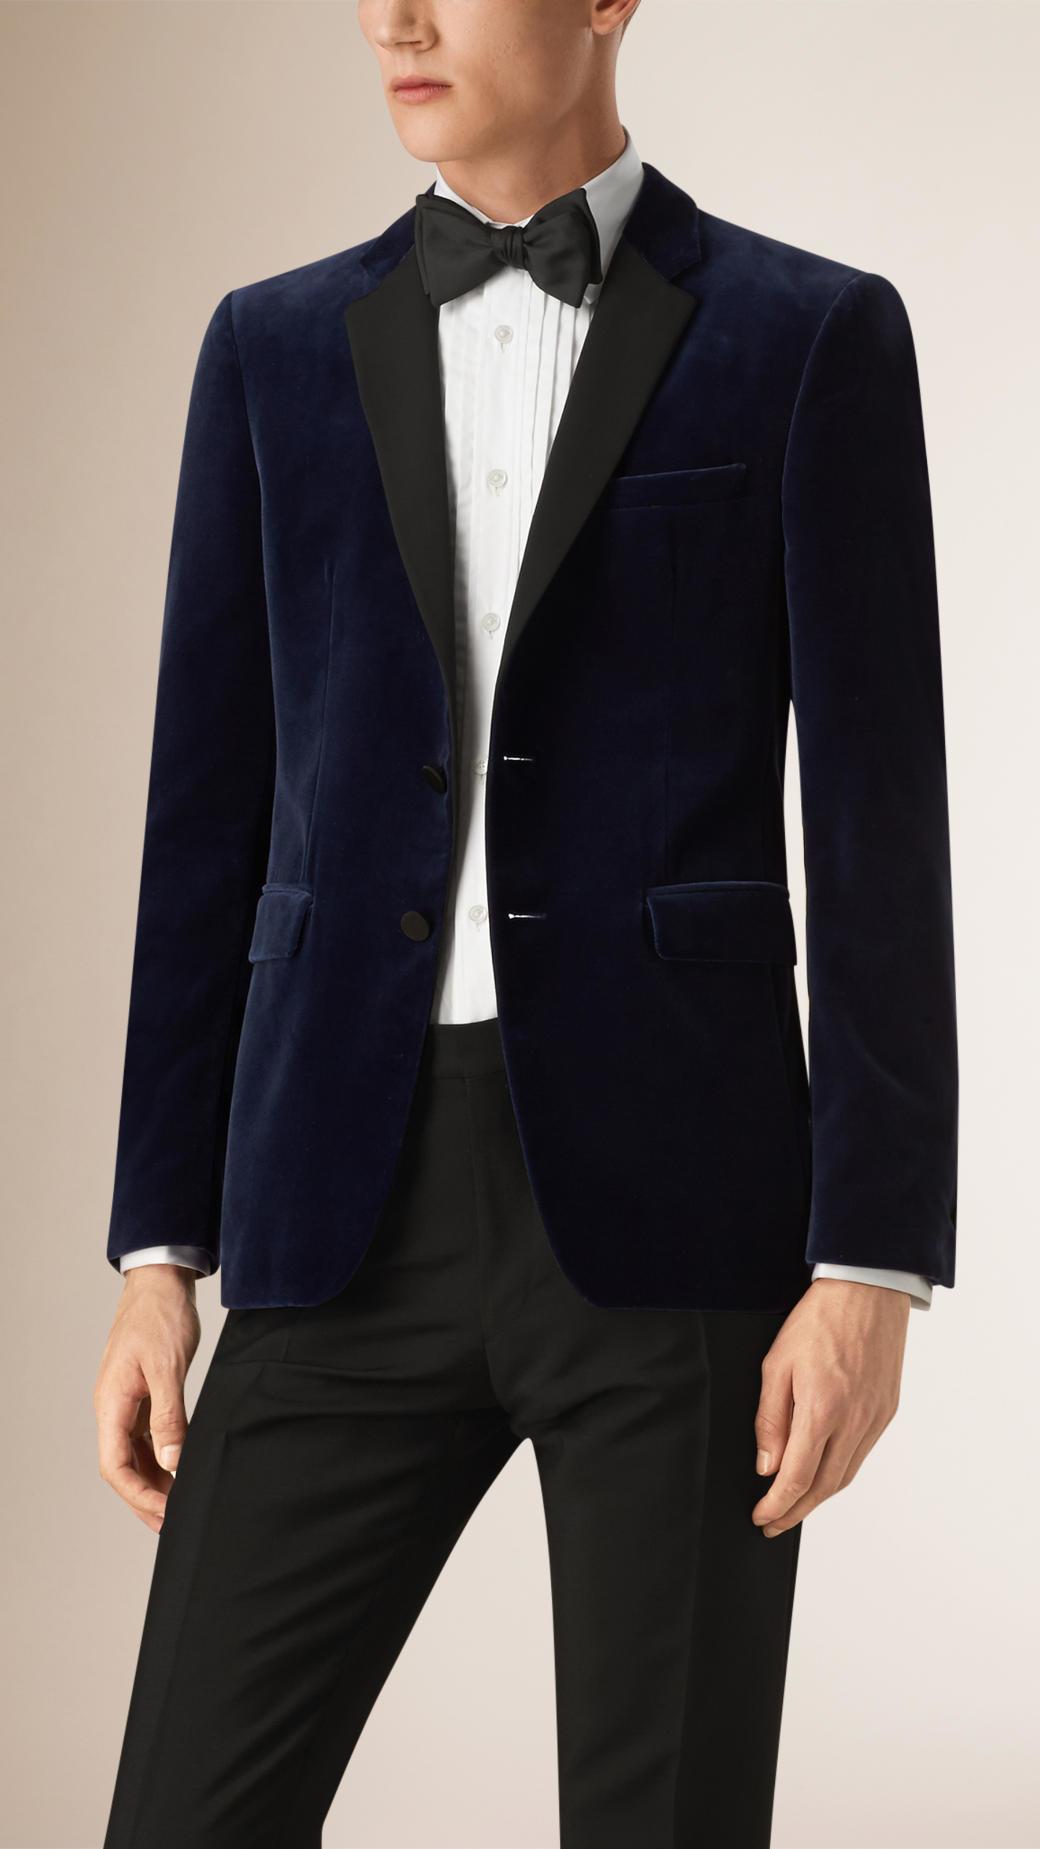 Cole Haan Jacket